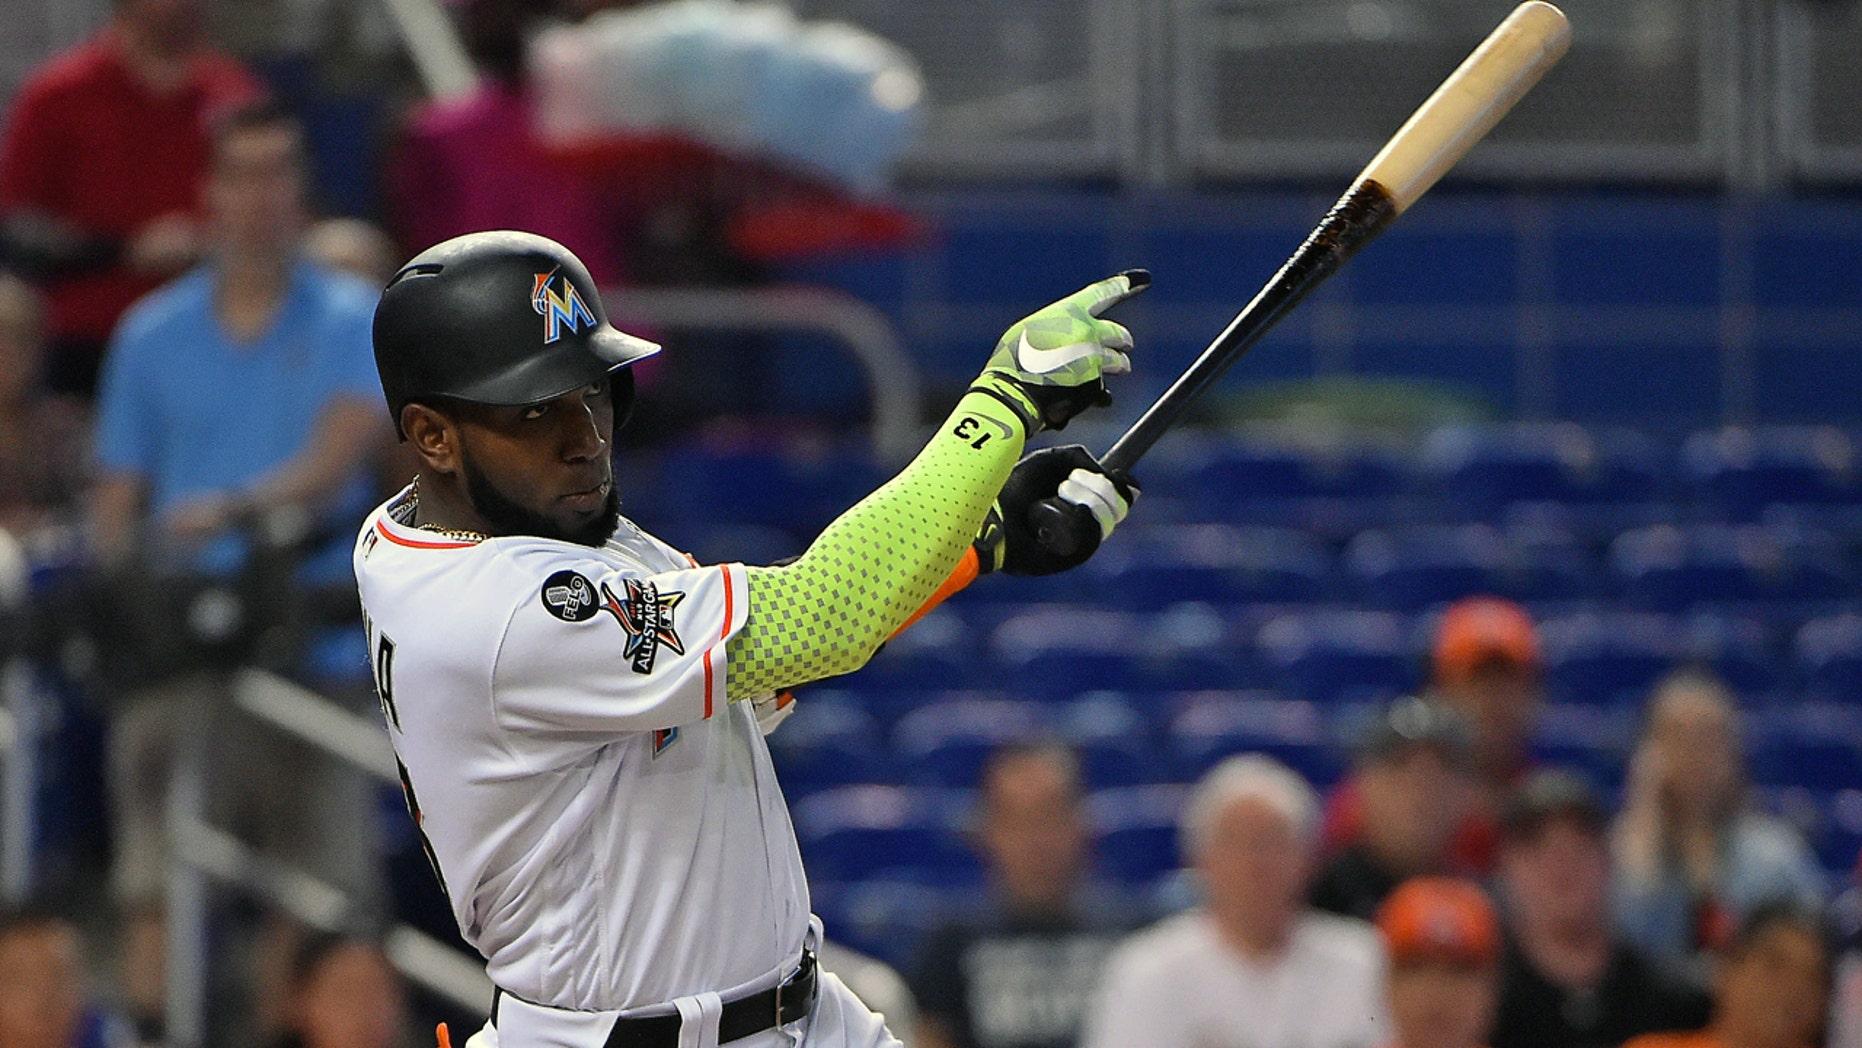 Ozuna hit 37 home runs and drove in 124 runs during the 2017 season.